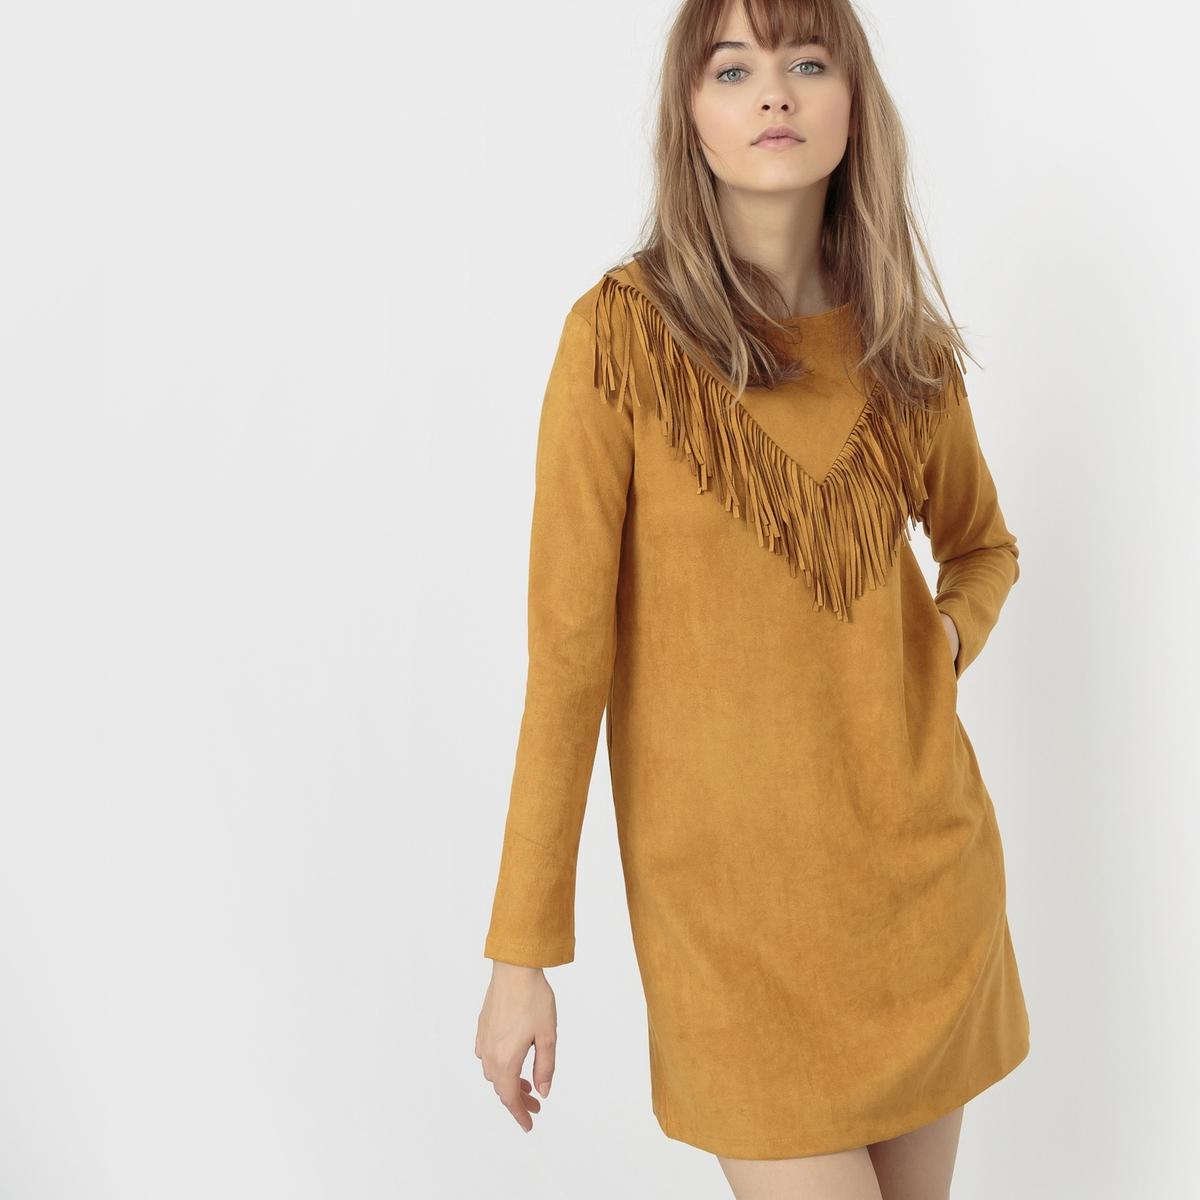 Платье короткое прямого покрояКороткое платье MOLLY BRACKEN. Длинные рукава. Прямой покрой, круглый вырез. V-образная отделка бахромой спереди. Состав и описание :Материал : 85% вискозы, 15% полиэстераМарка : MOLLY BRACKEN<br><br>Цвет: горчичный,черный<br>Размер: L.L